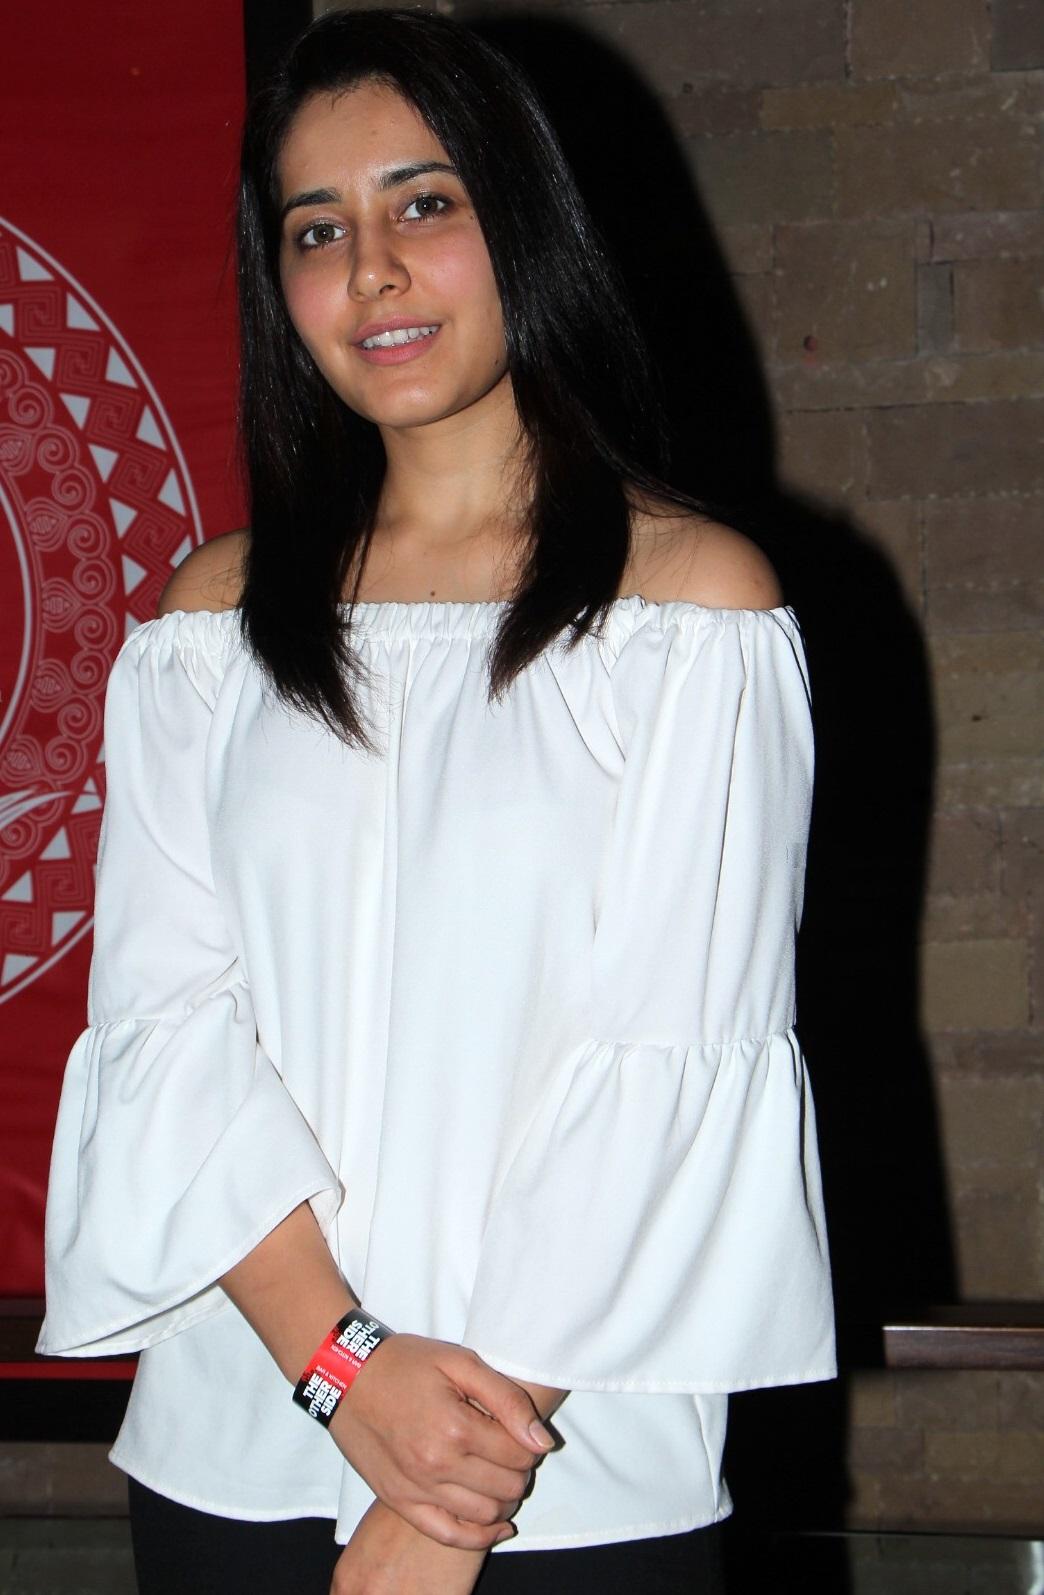 Rashi Khanna Glamorous Stills At Birthday Party In White Dress